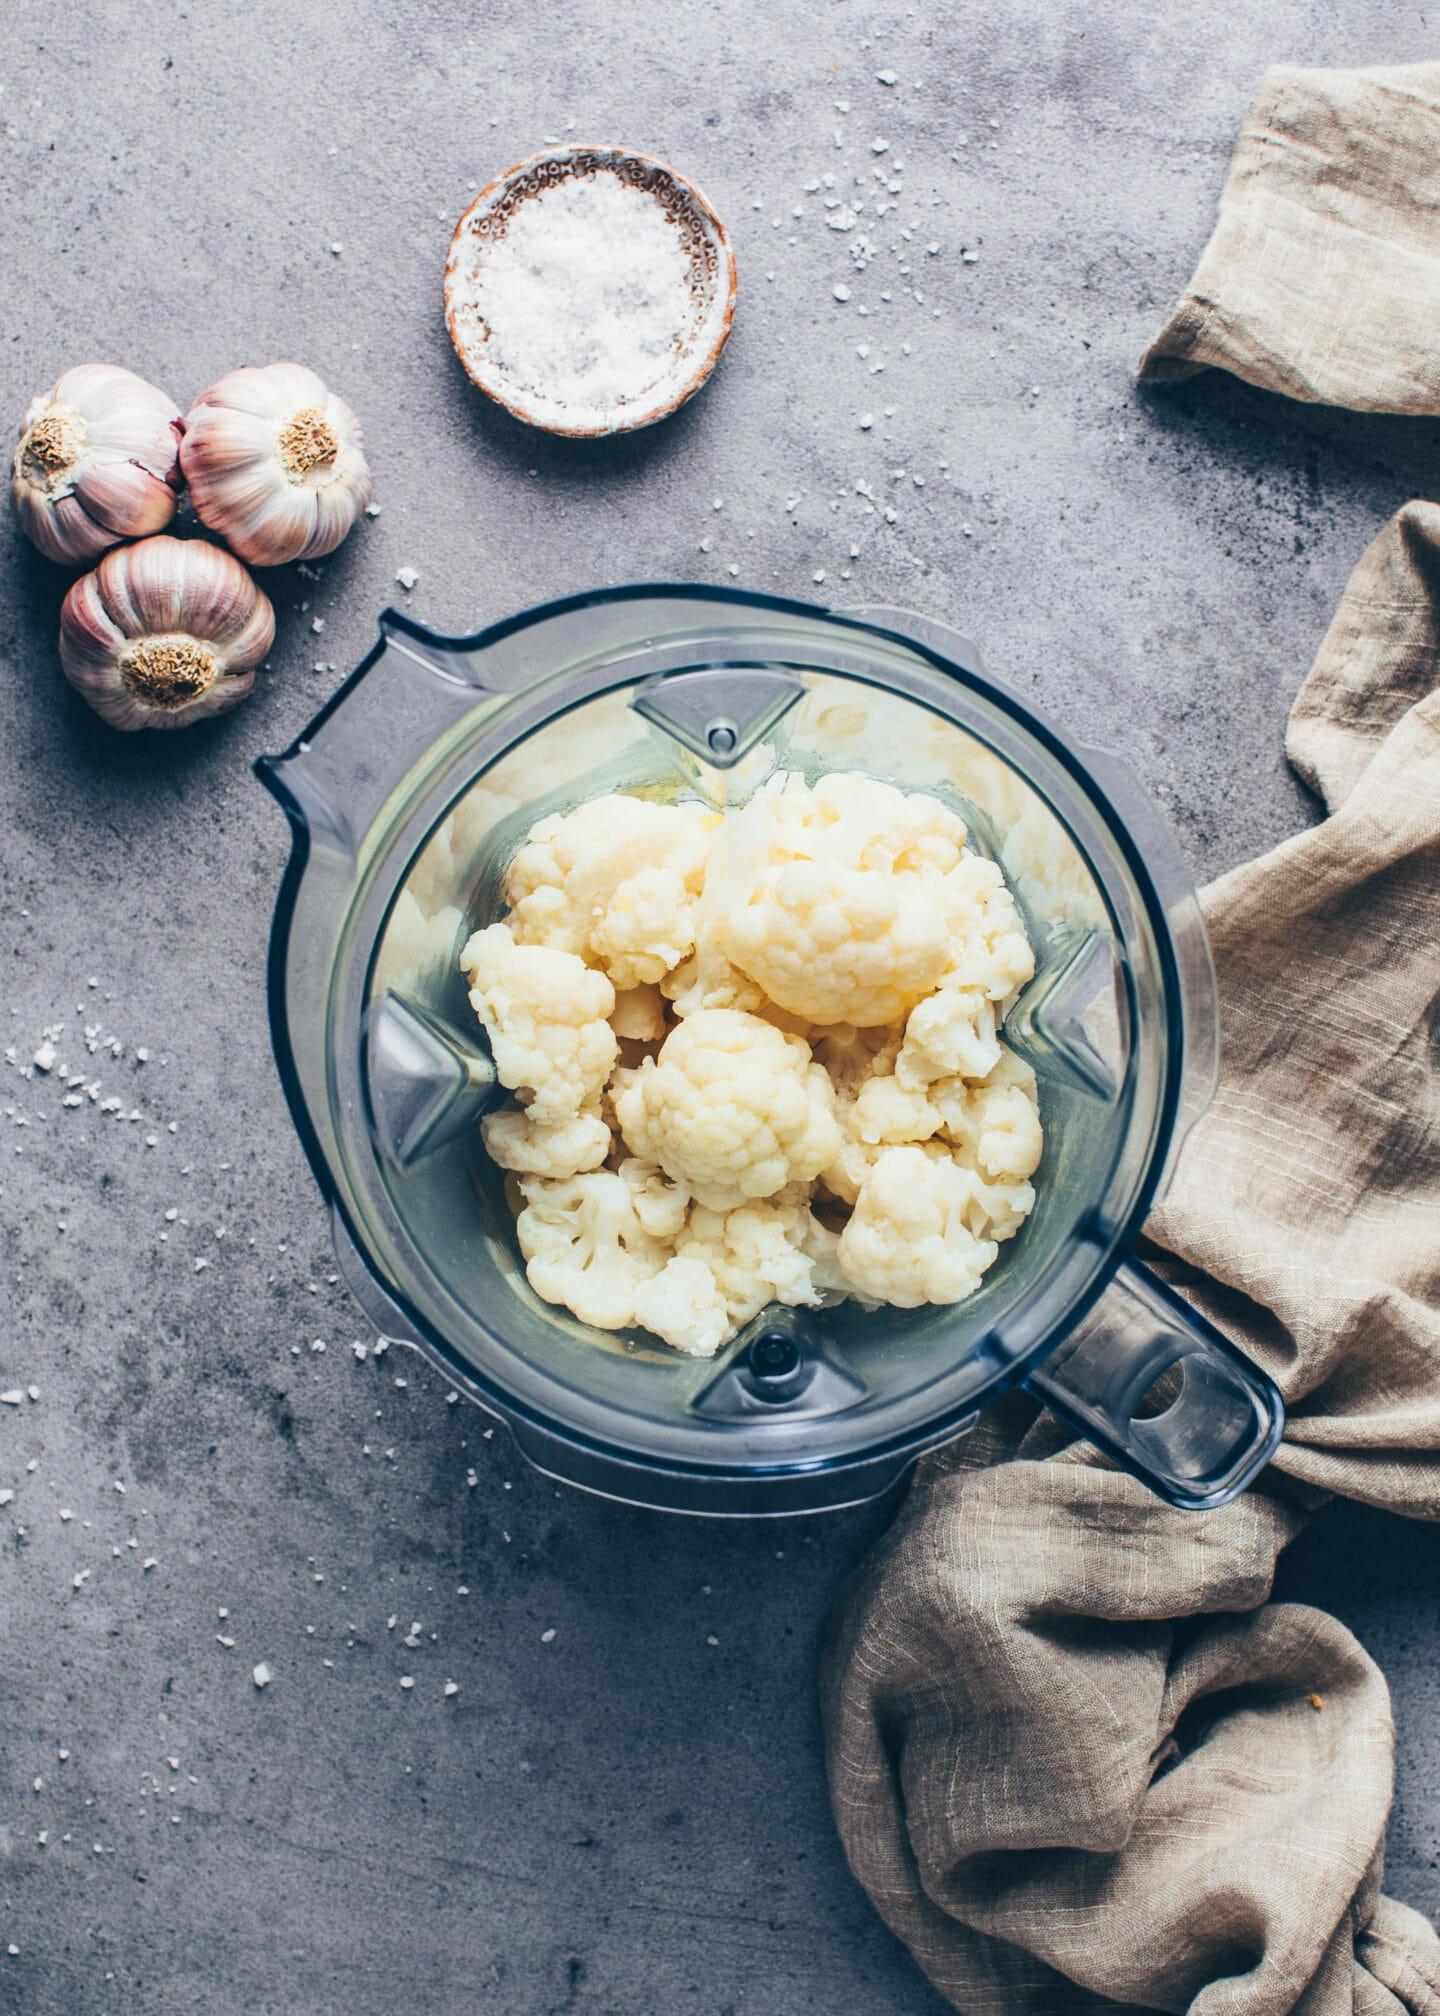 Cauliflower in a blender